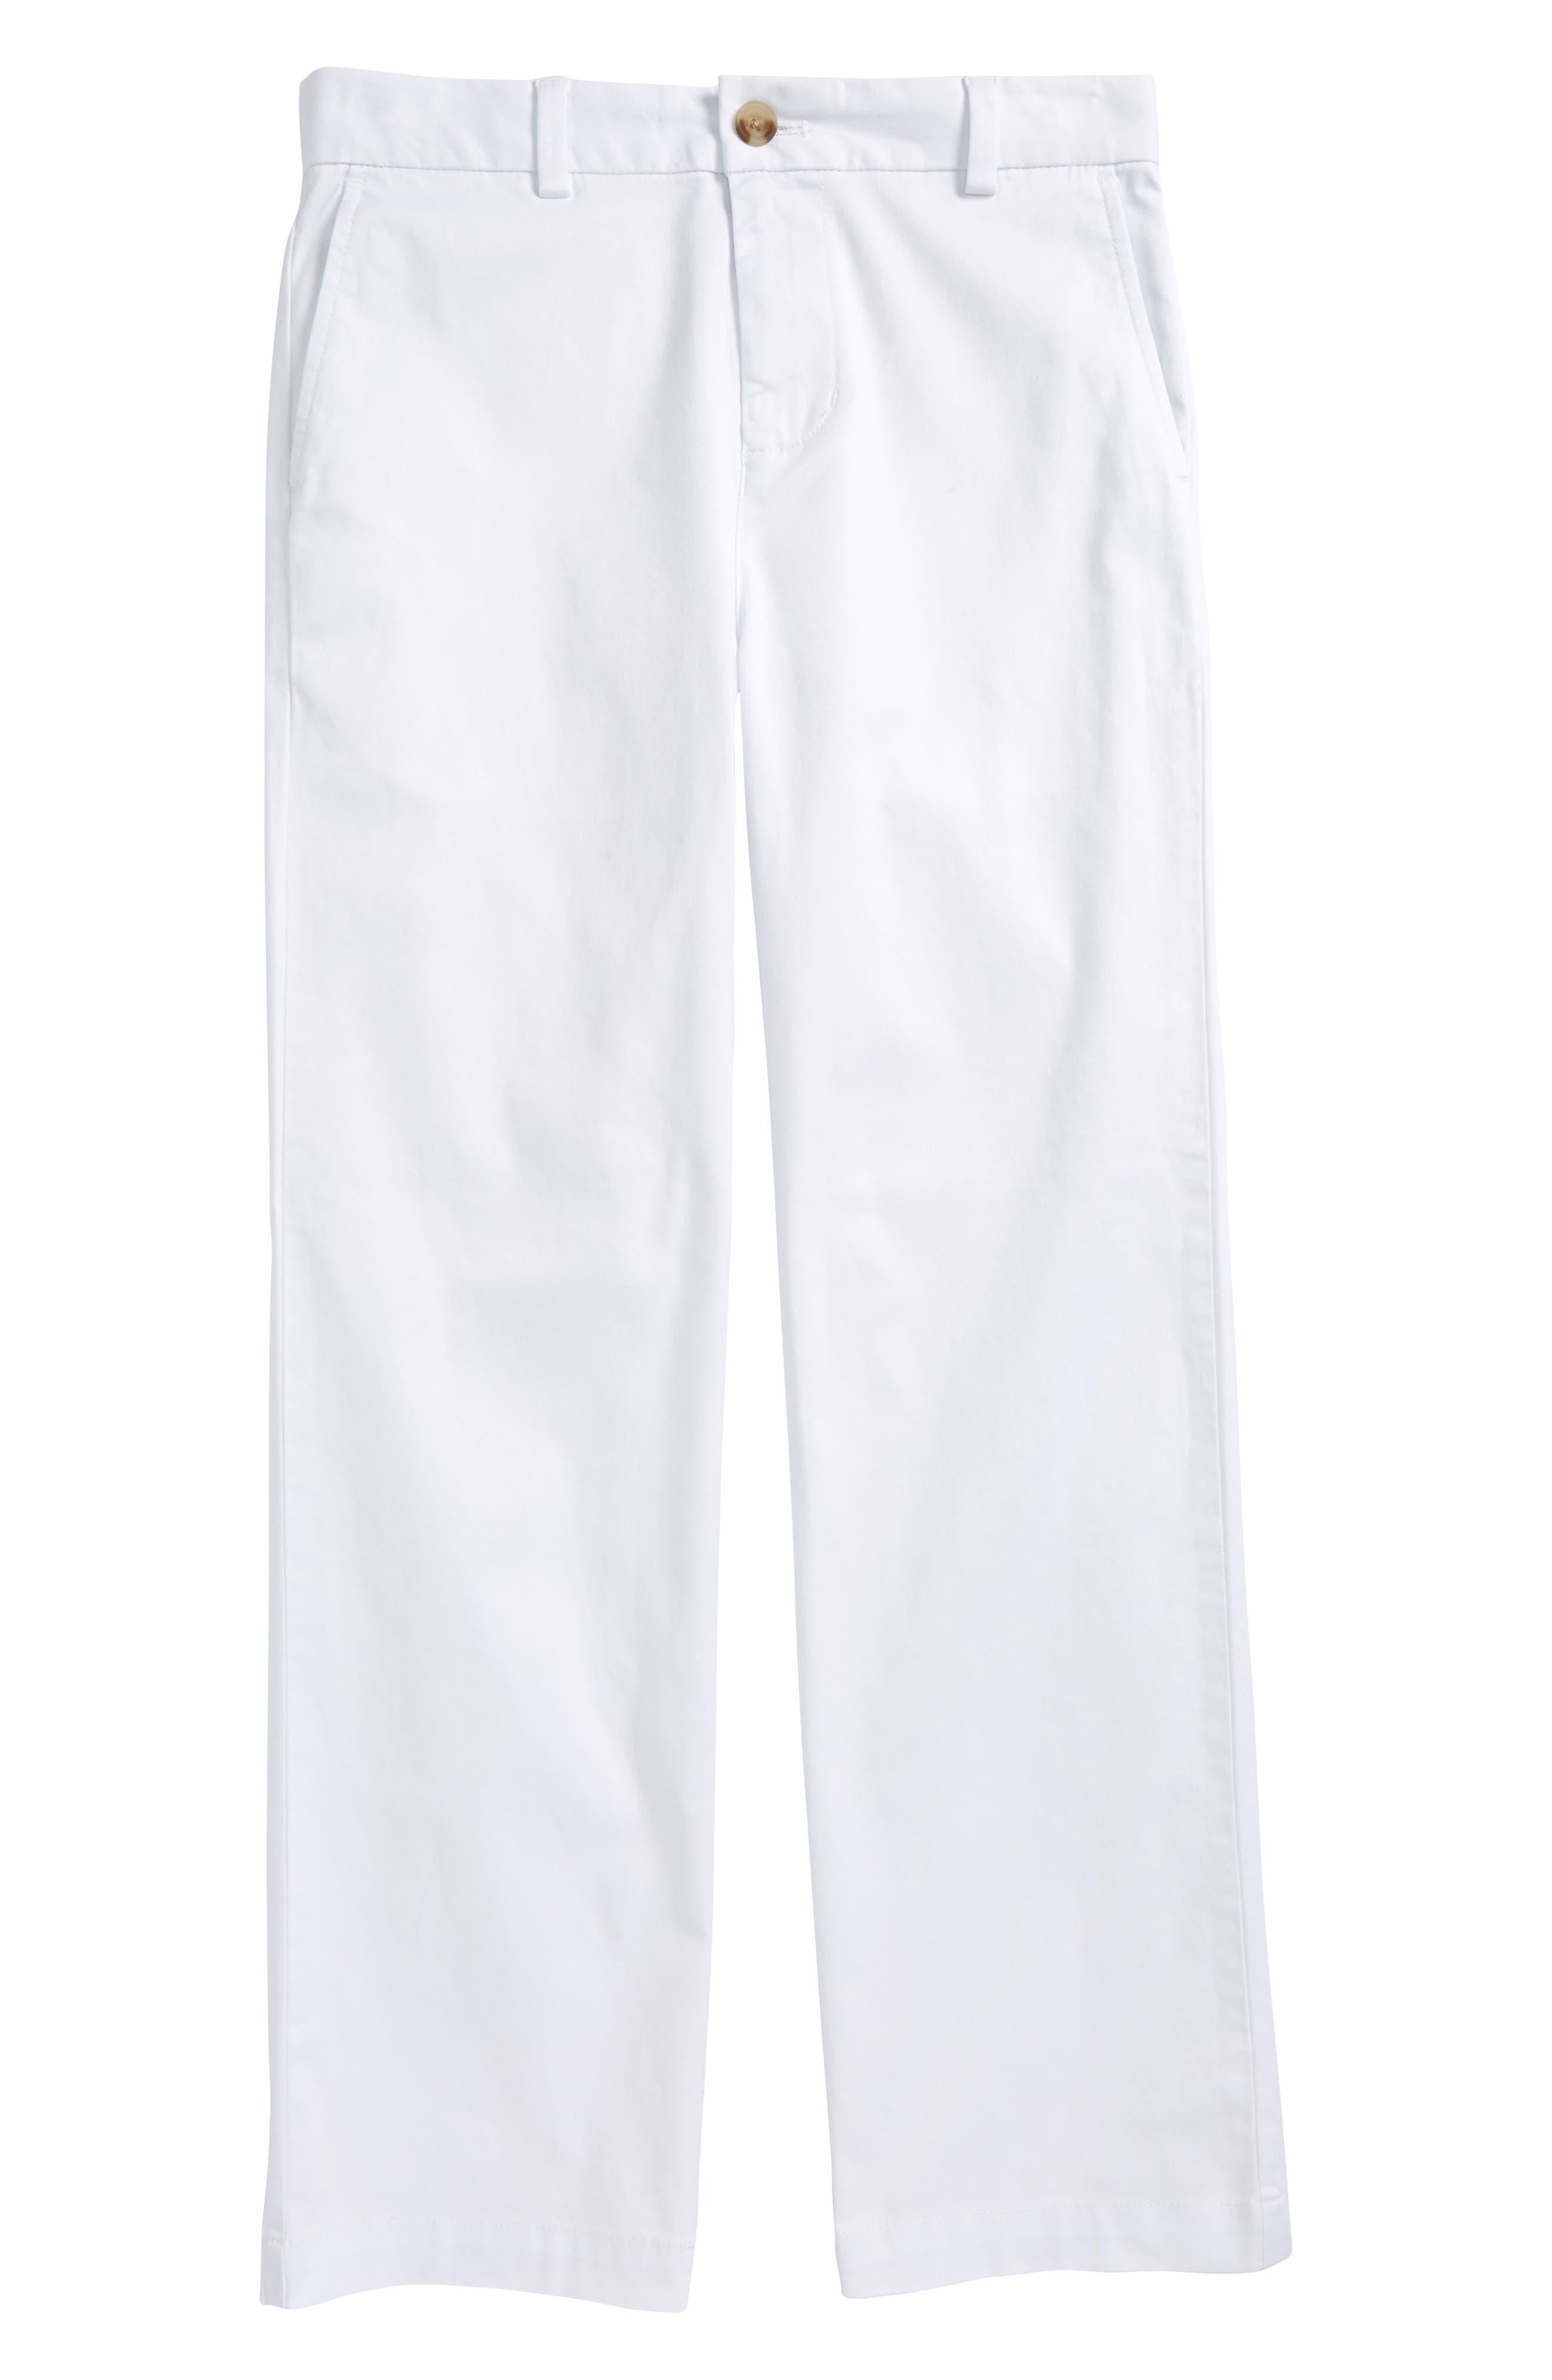 Breaker Pants,                             Main thumbnail 1, color,                             WHITE CAP